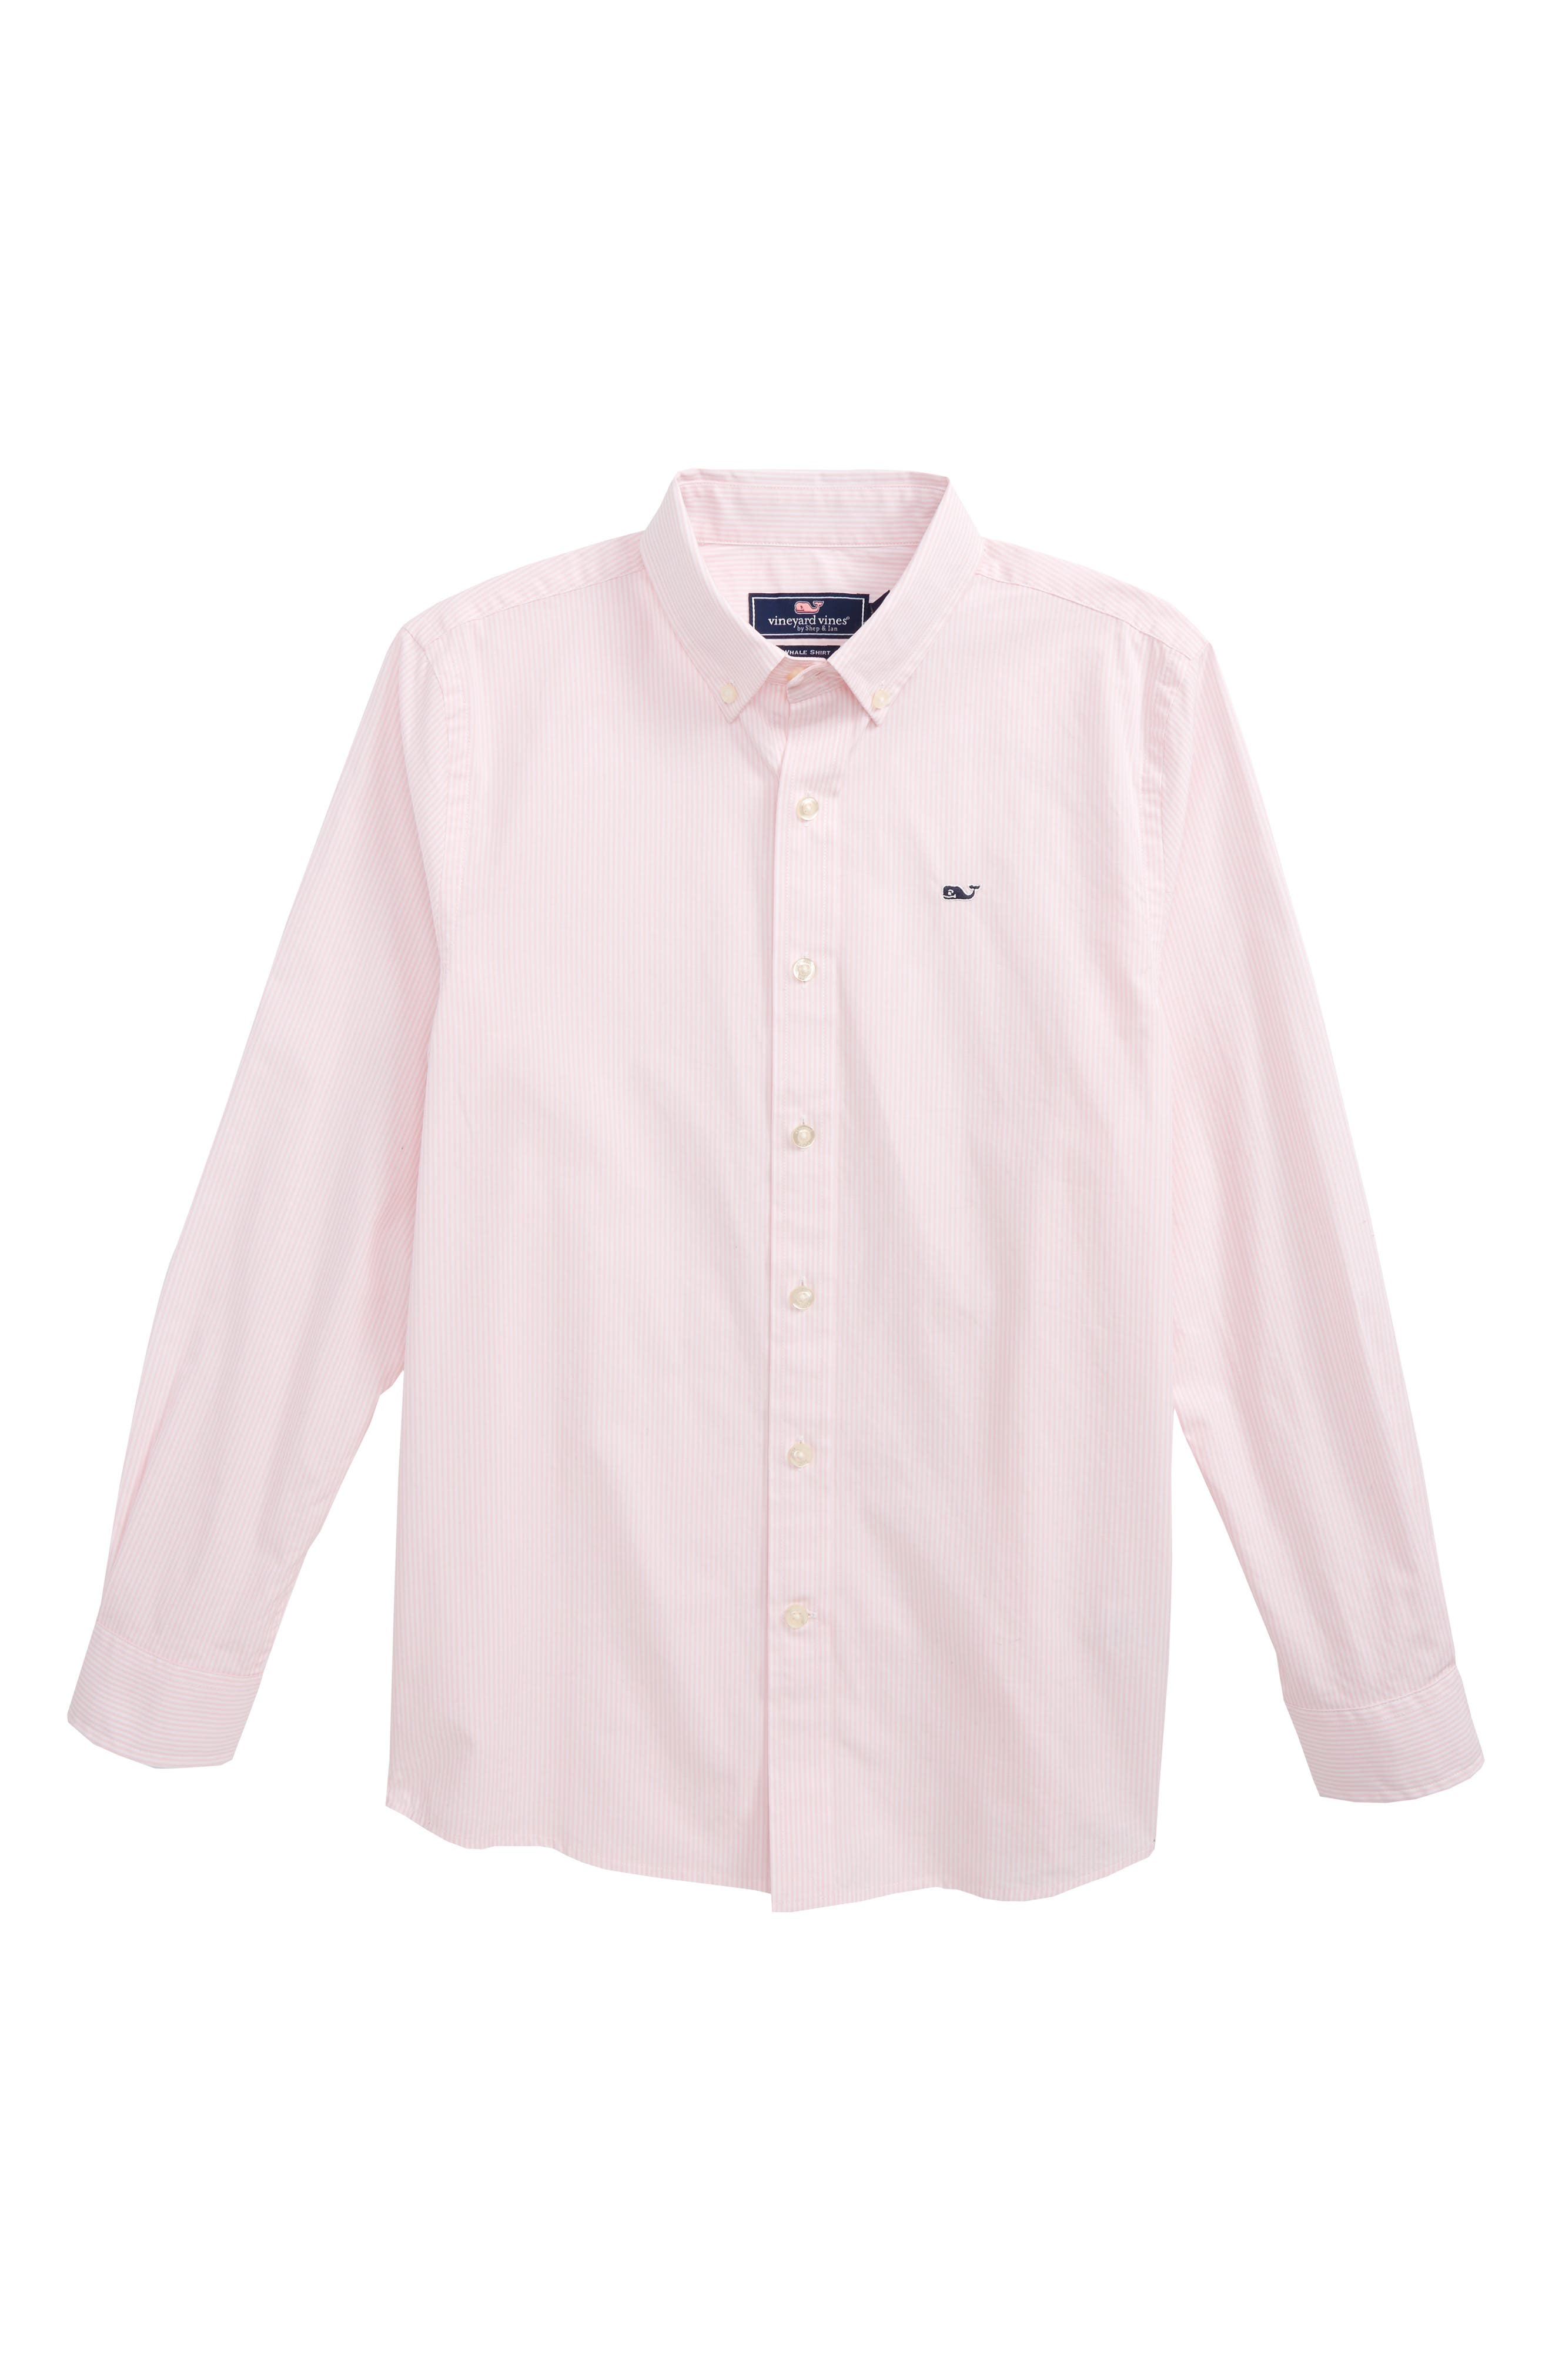 Fine Line Stripe - Whale Woven Shirt,                             Main thumbnail 1, color,                             Flamingo